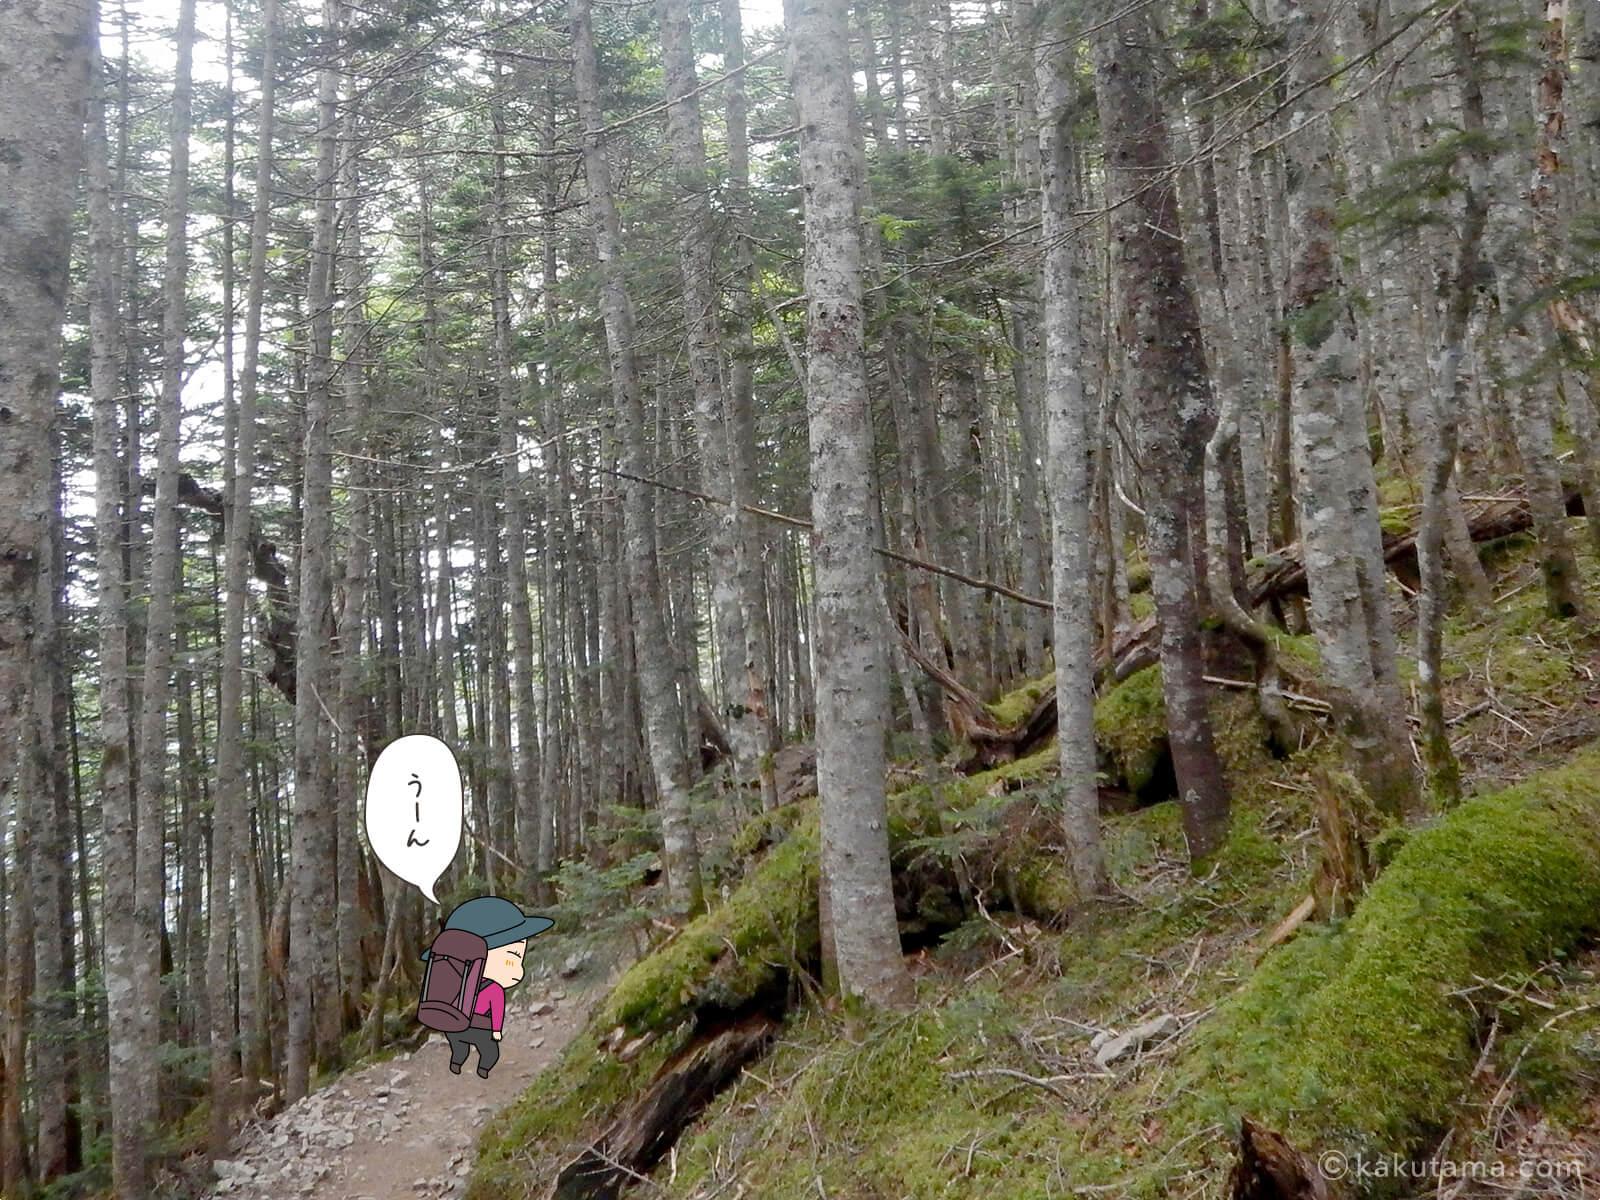 朝日岳から大弛峠へ向かって下山2